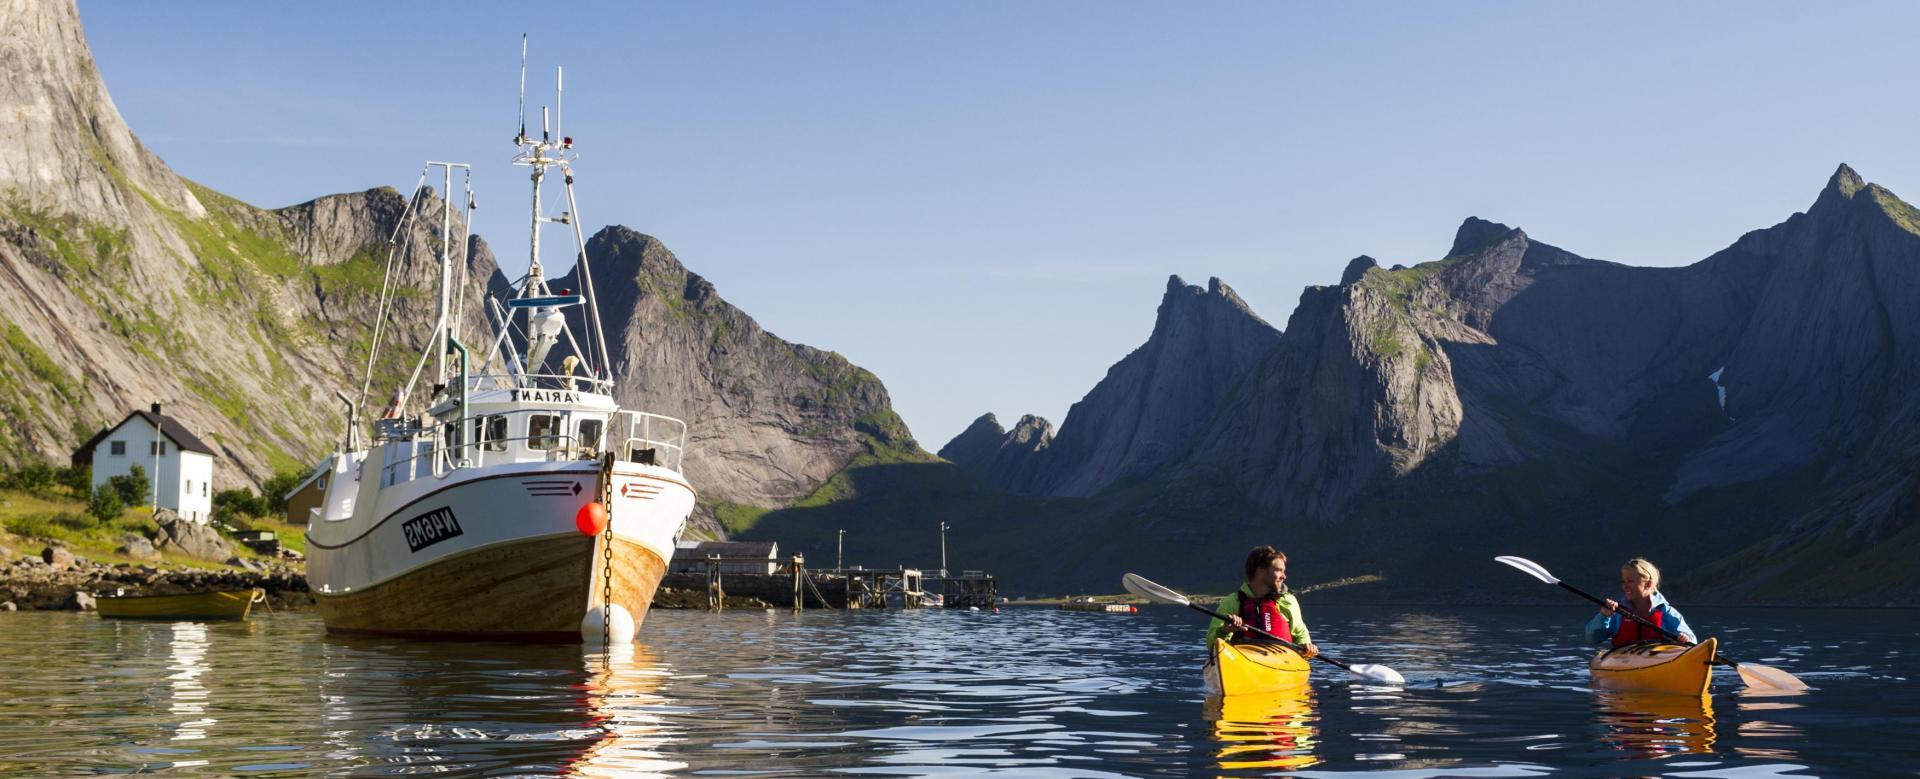 Voyage sur l'eau Norvège : Embarquement pour les fjords du nord